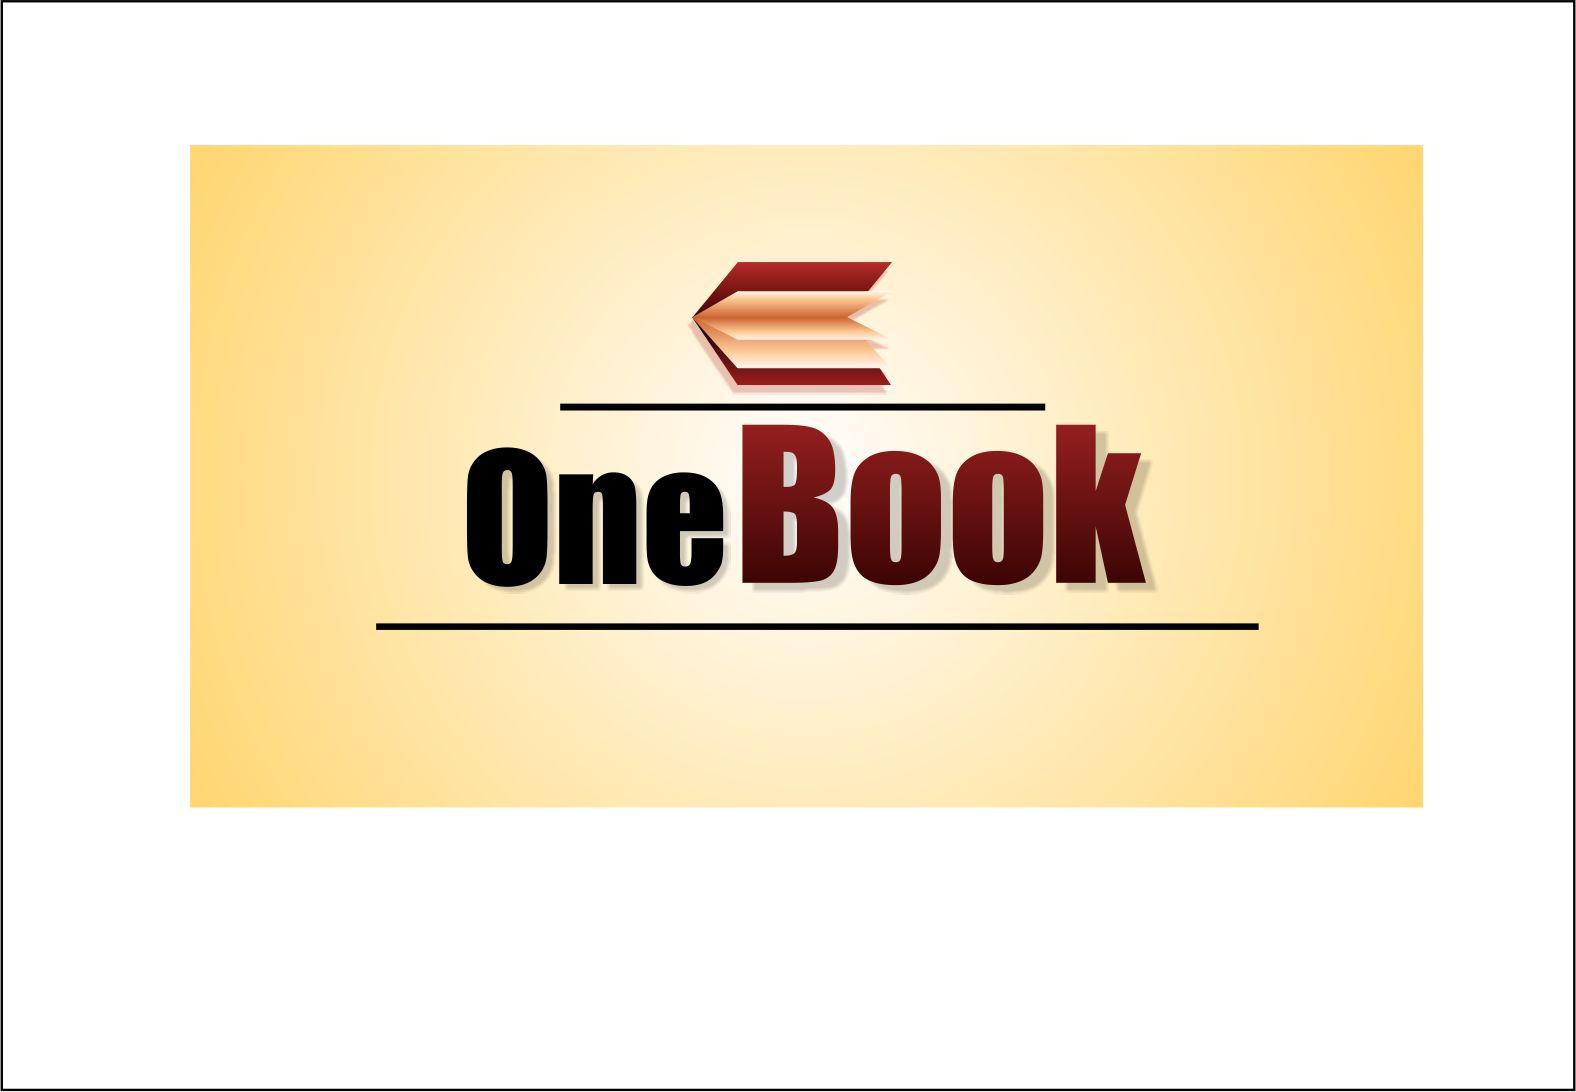 Логотип для цифровой книжной типографии. фото f_4cbeebf0de787.jpg